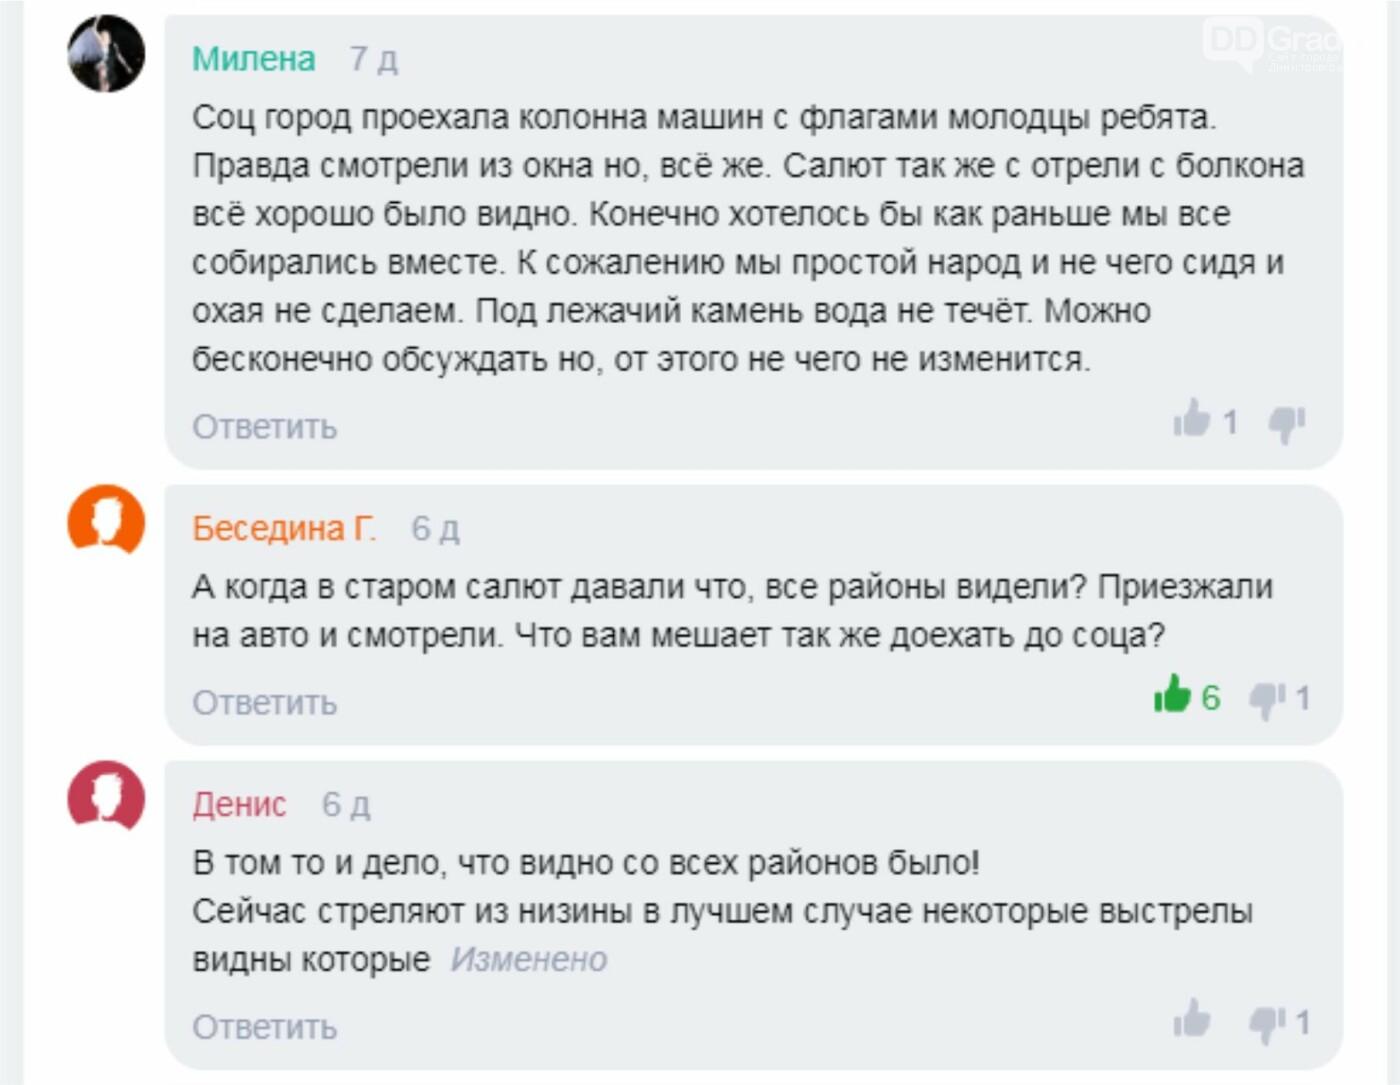 Салют, Димитровград! Горожане спорят, в какой точке городе лучше давать салют, фото-3